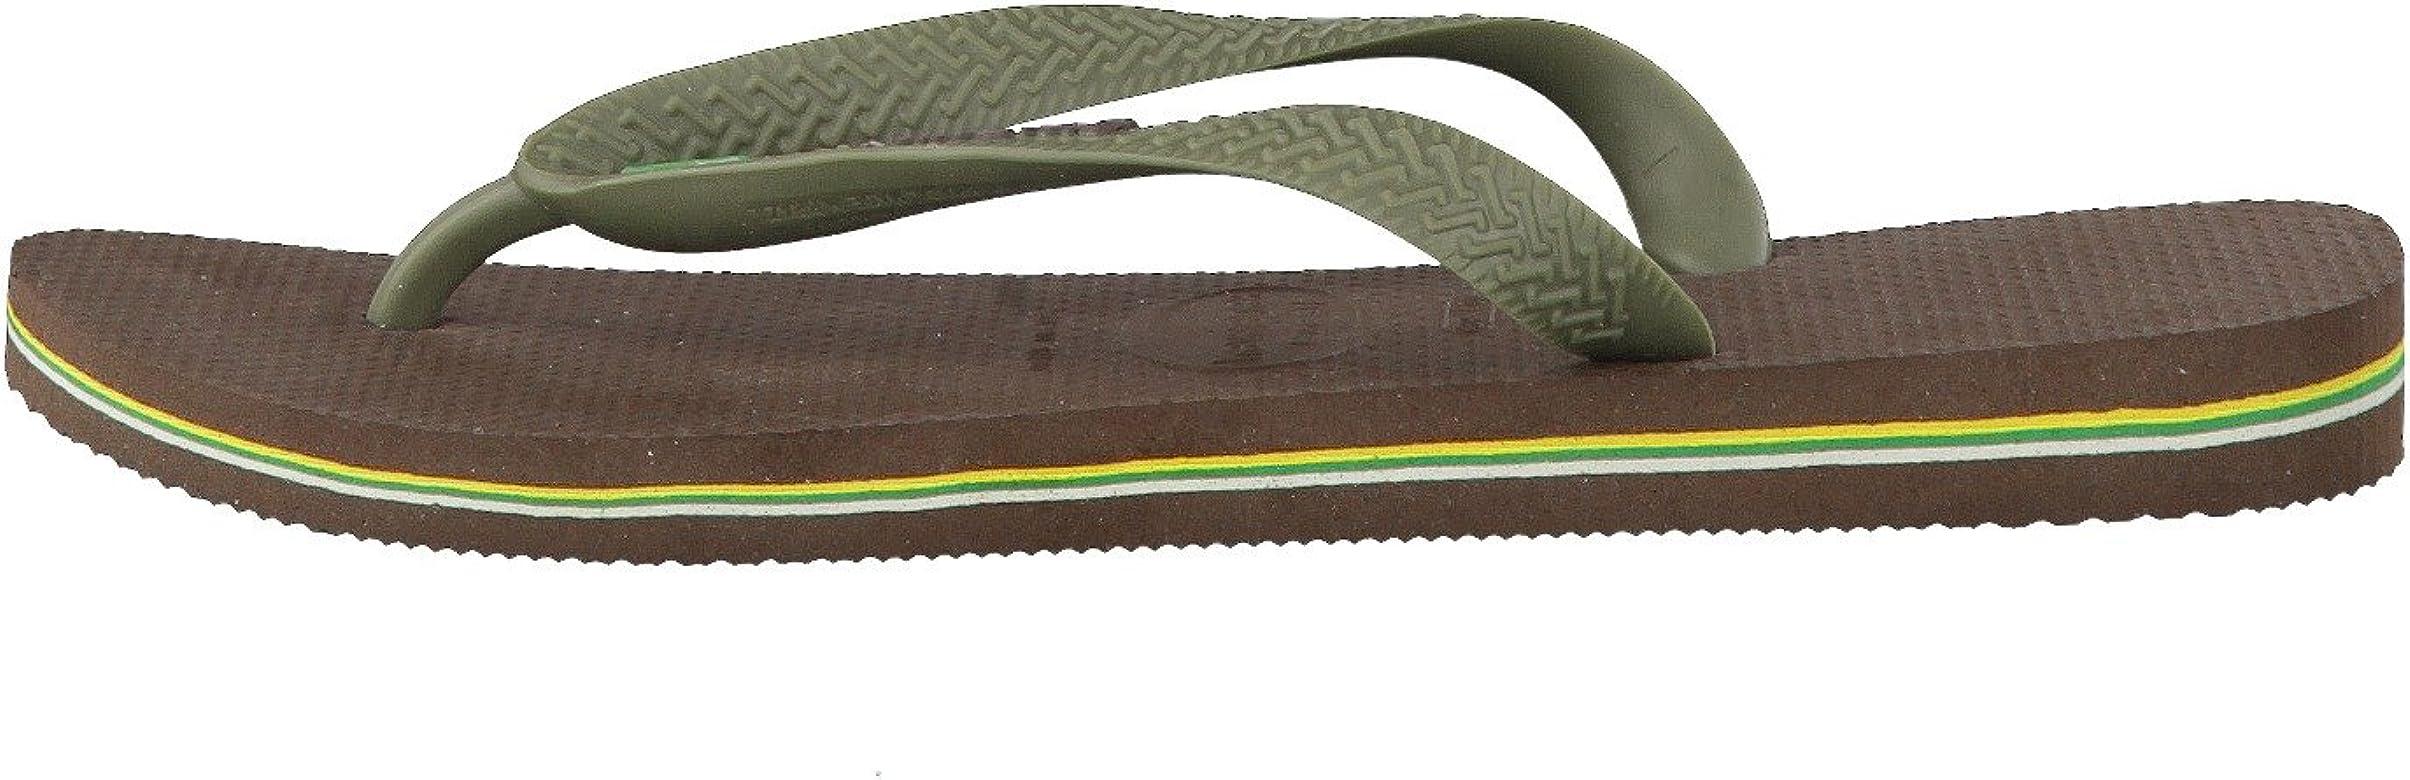 Havaianas Brasil Logo, Chanclas Unisex Adulto, Multicolor (Dark Brown), 41/42 EU: Amazon.es: Zapatos y complementos